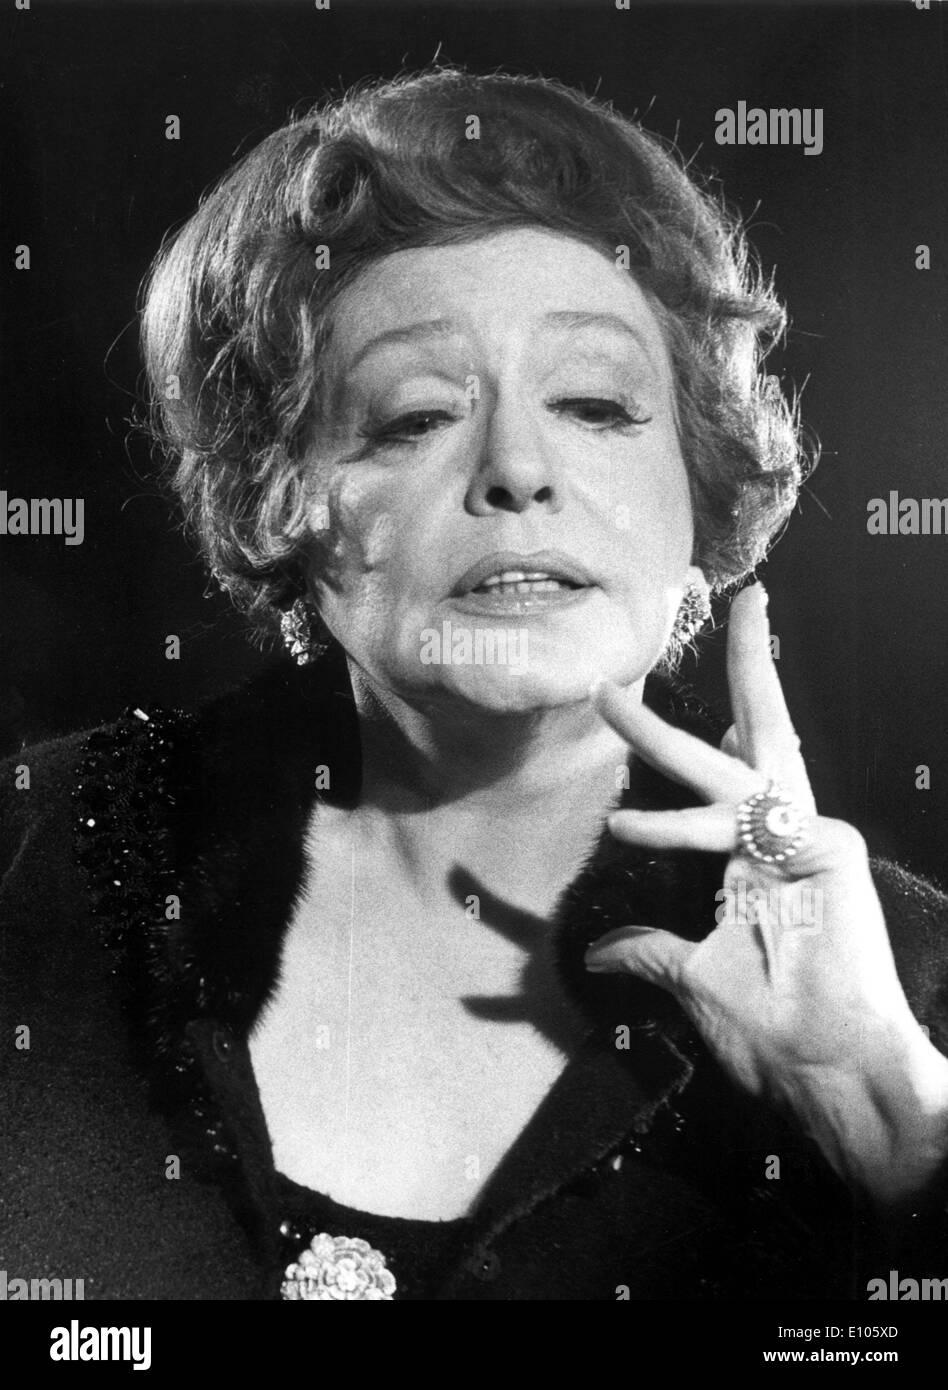 5217815 (9002126) Zarah LEANDER (Eig. Hedberg, 15.03.1907 - 23.06.1981), Schwedische Schauspielerin Und S?ngerin, Porträt aus Stockbild